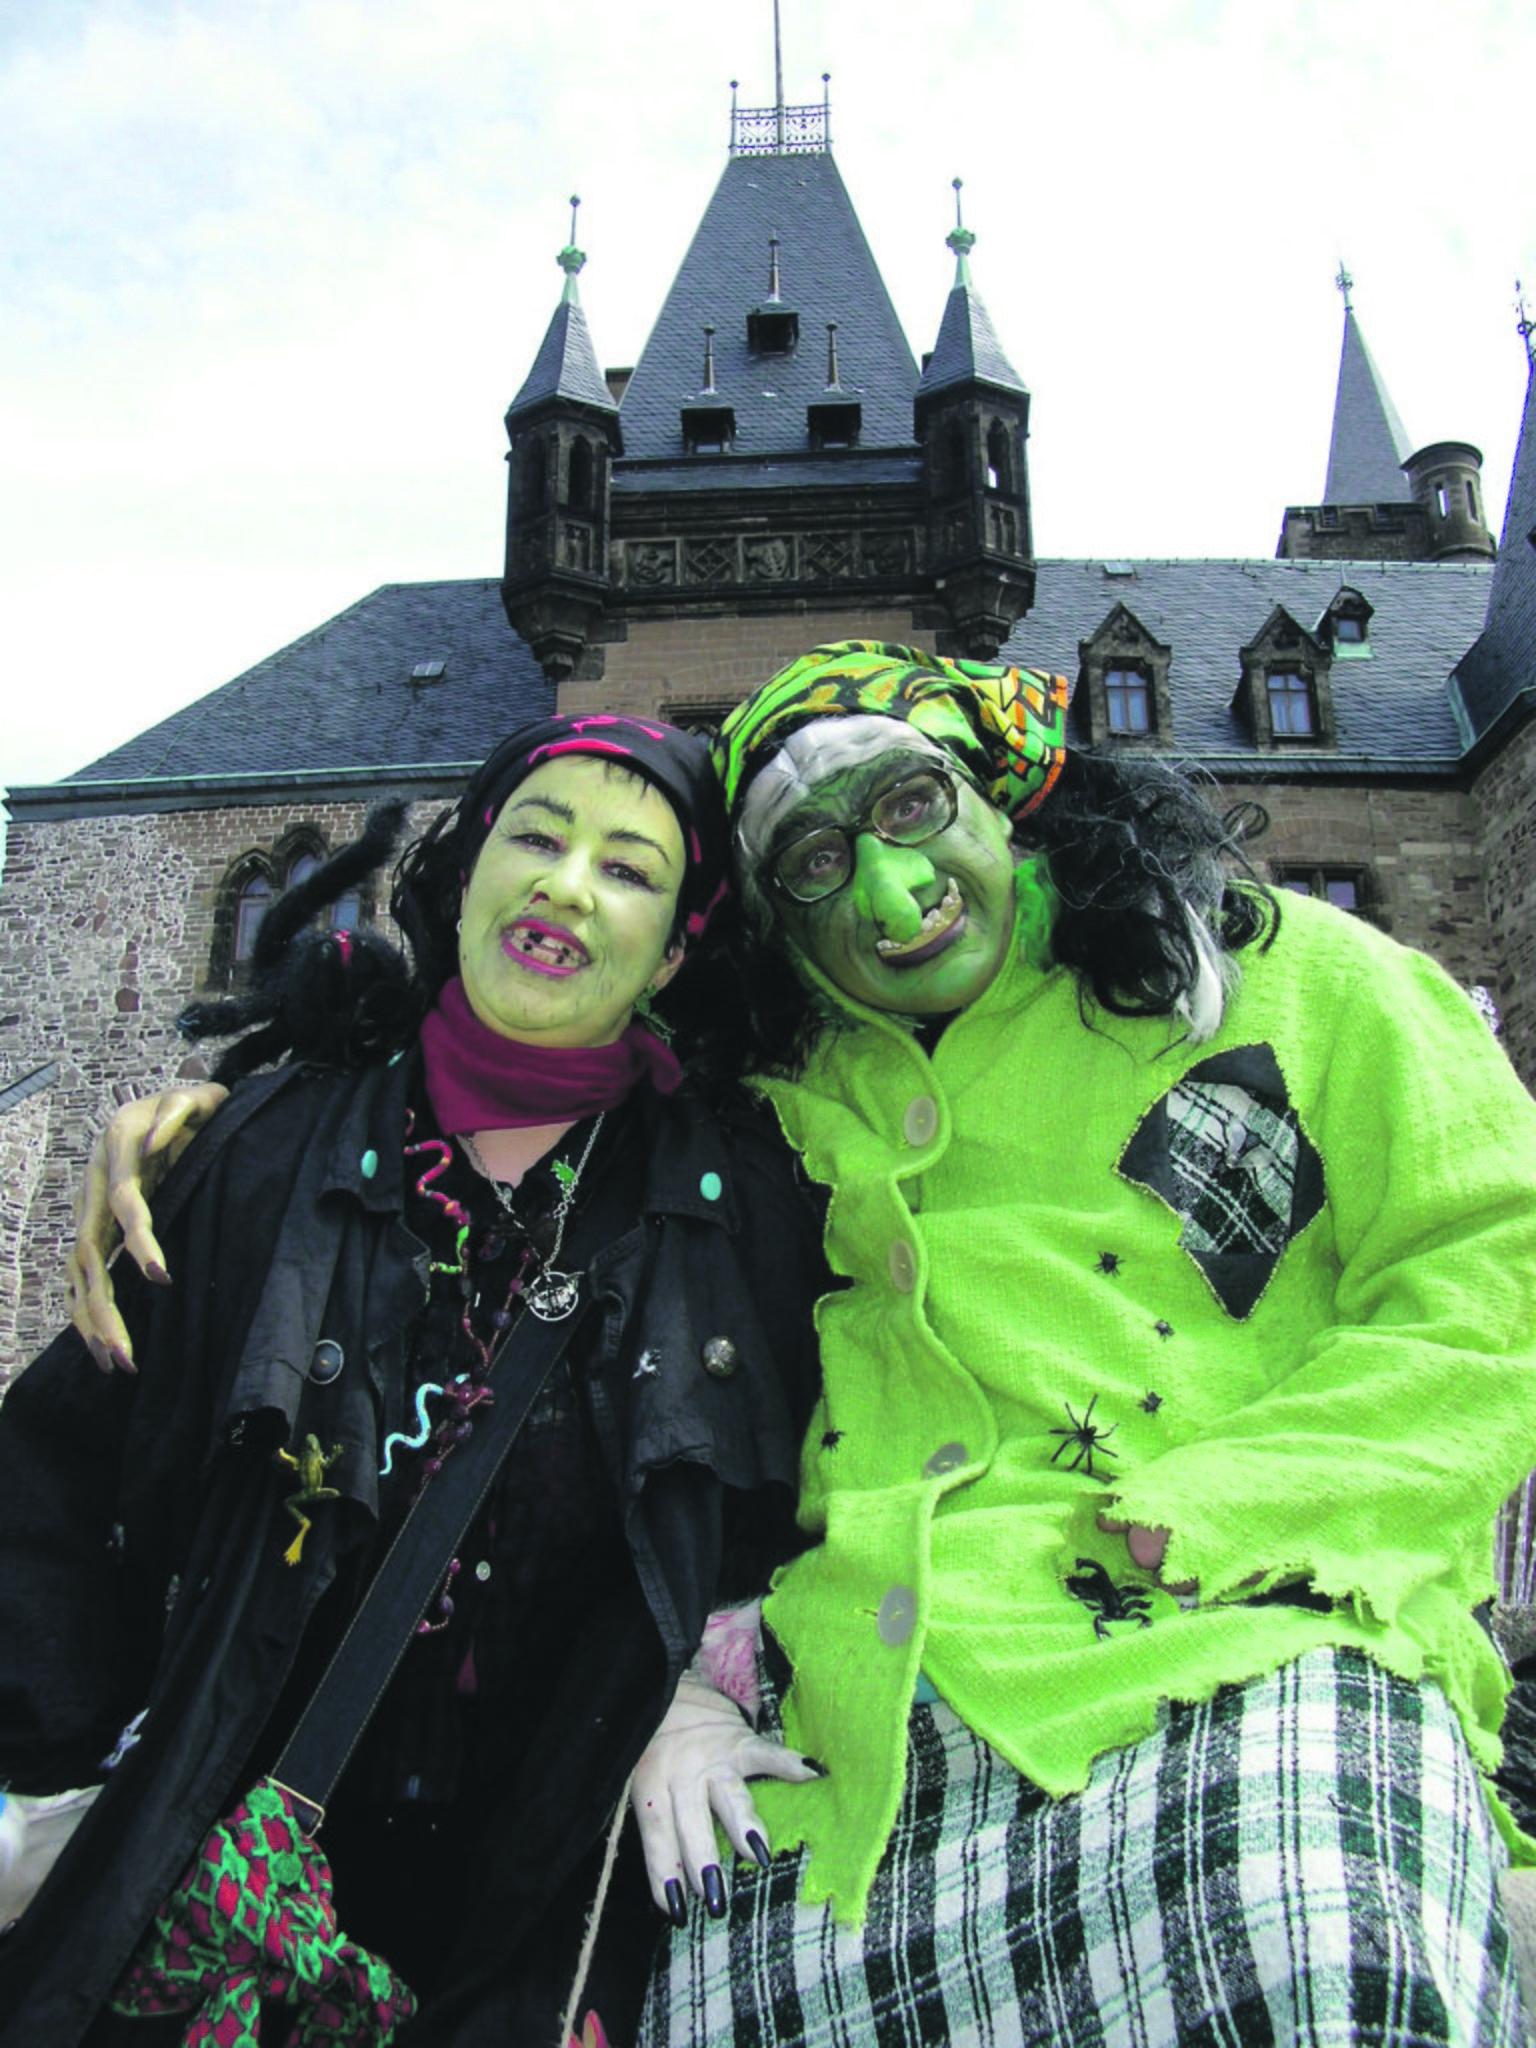 Halloween Kostueme Karstadt.Wer Hat Das Tollste Halloween Kostum Grosses Gewinnspiel Am Samstag Dusseldorf